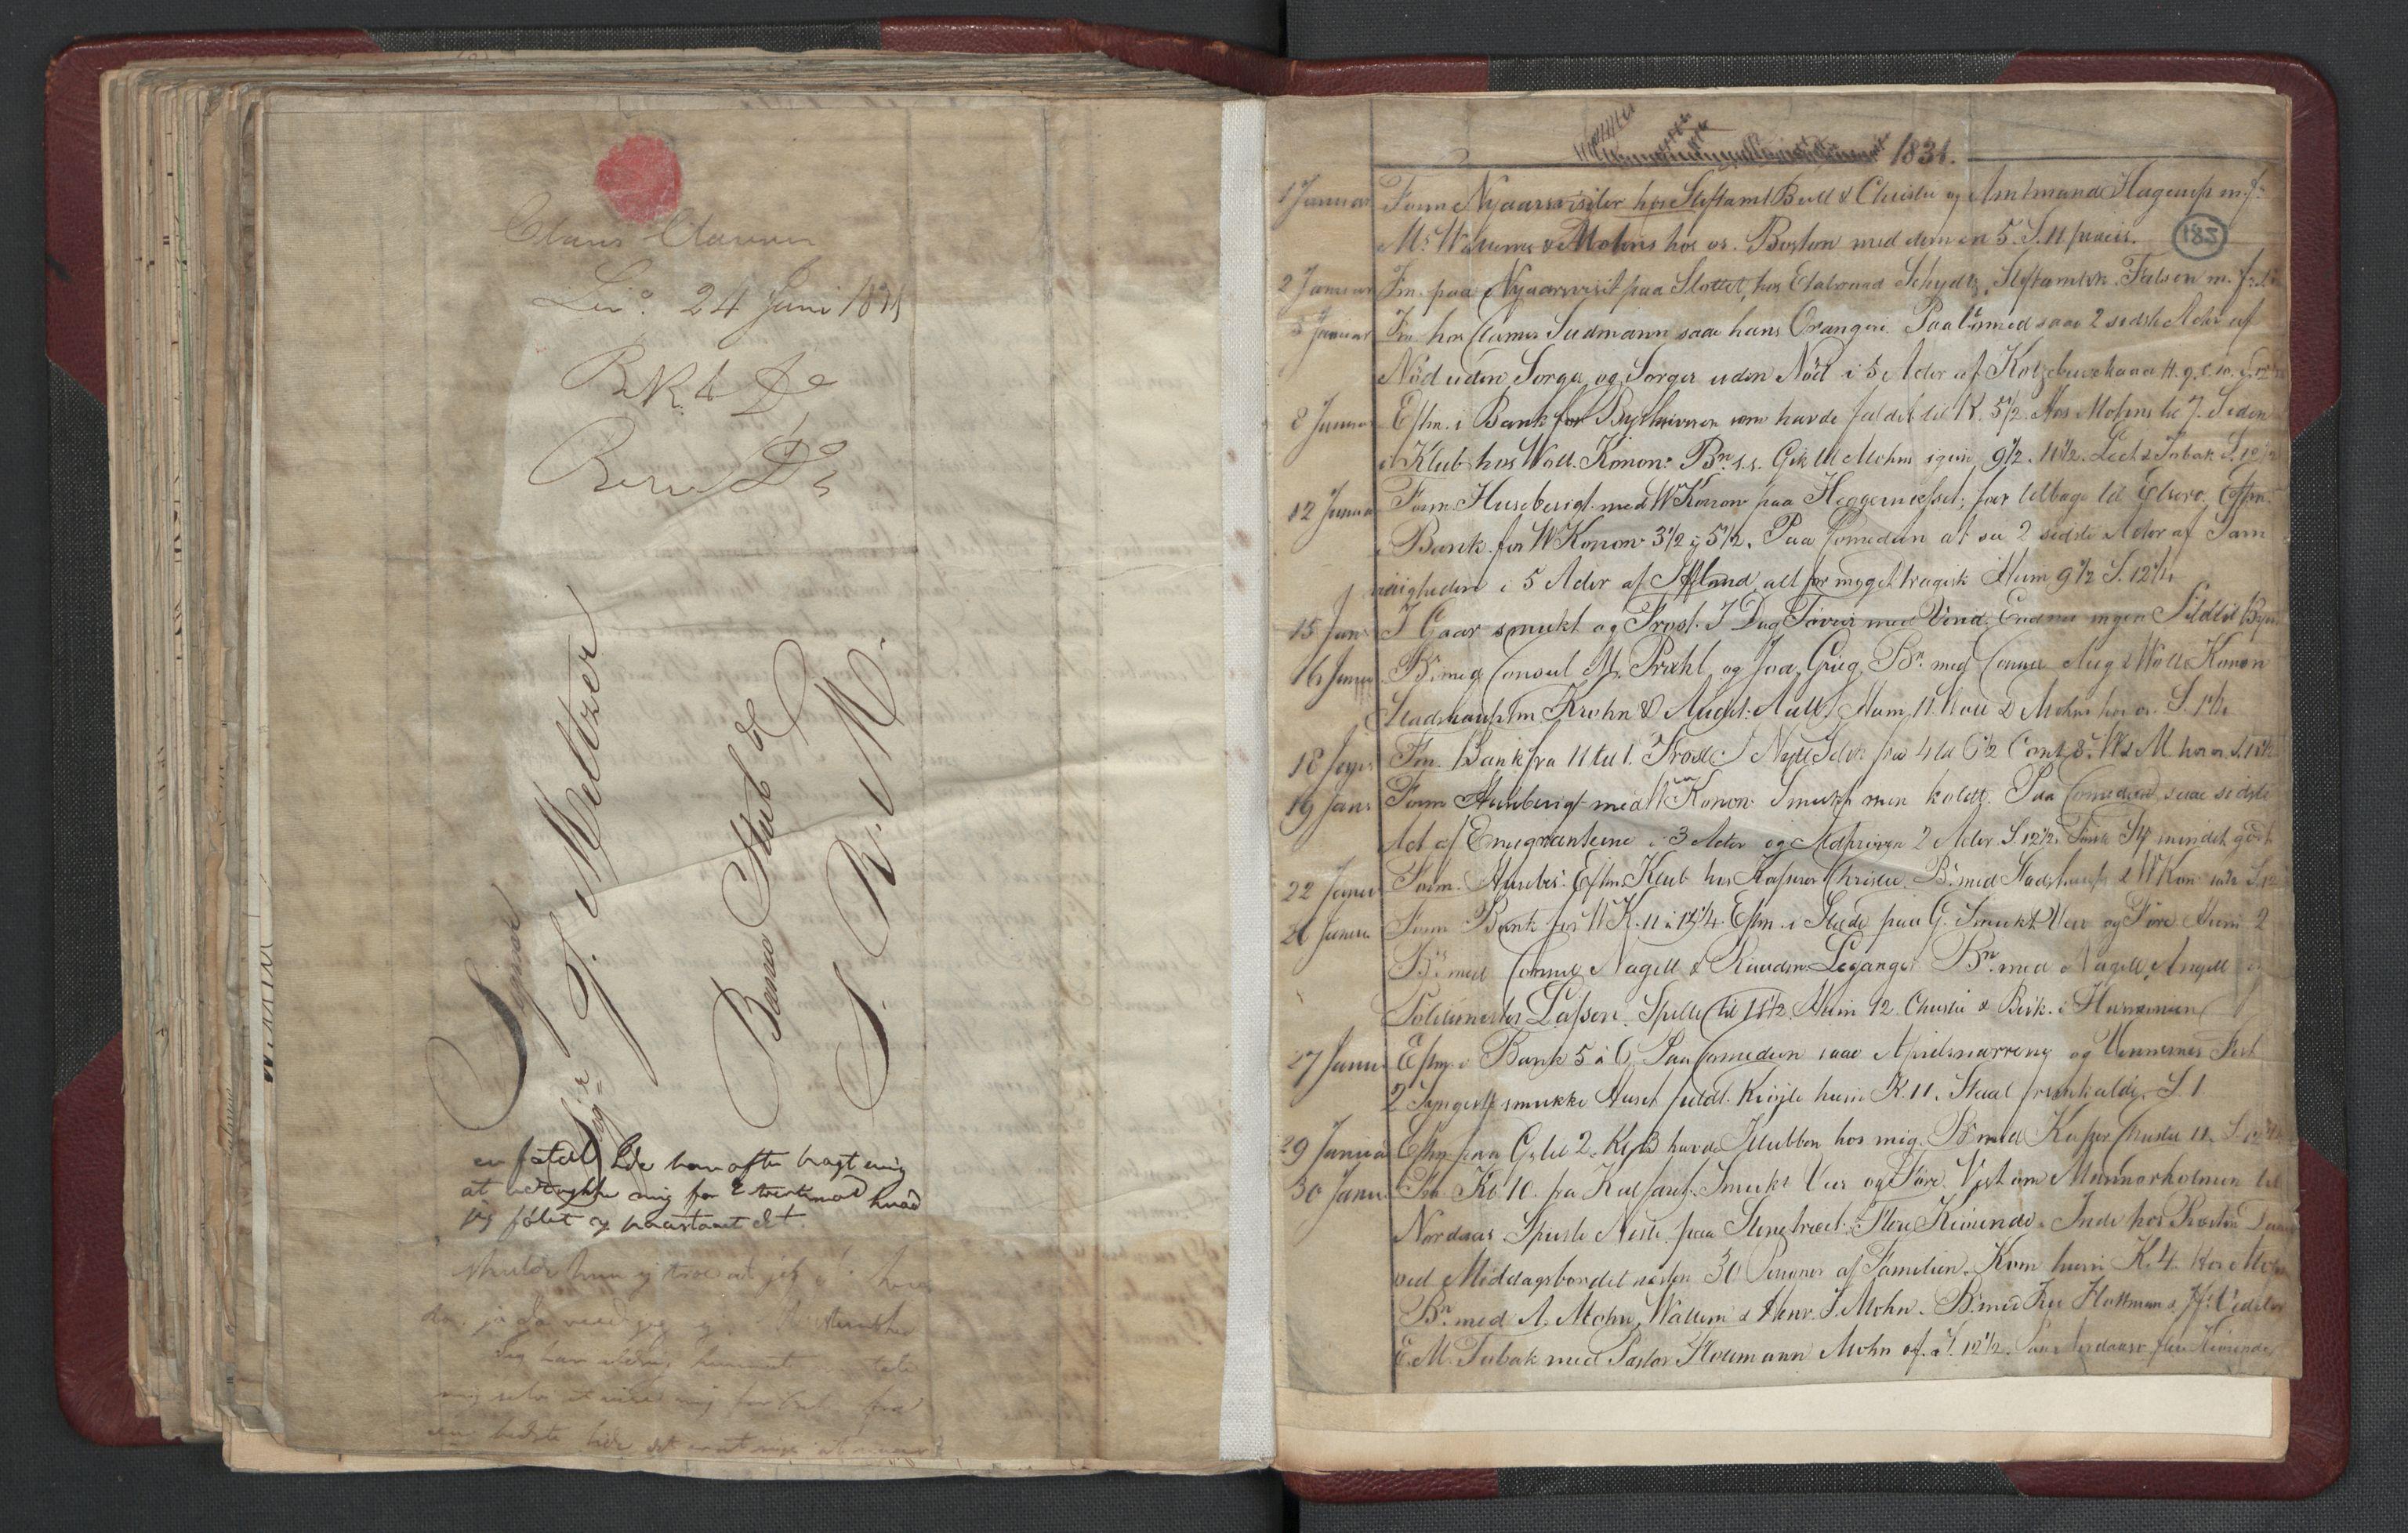 RA, Meltzer, Fredrik, F/L0003: Dagbok, 1821-1831, s. 184b-185a